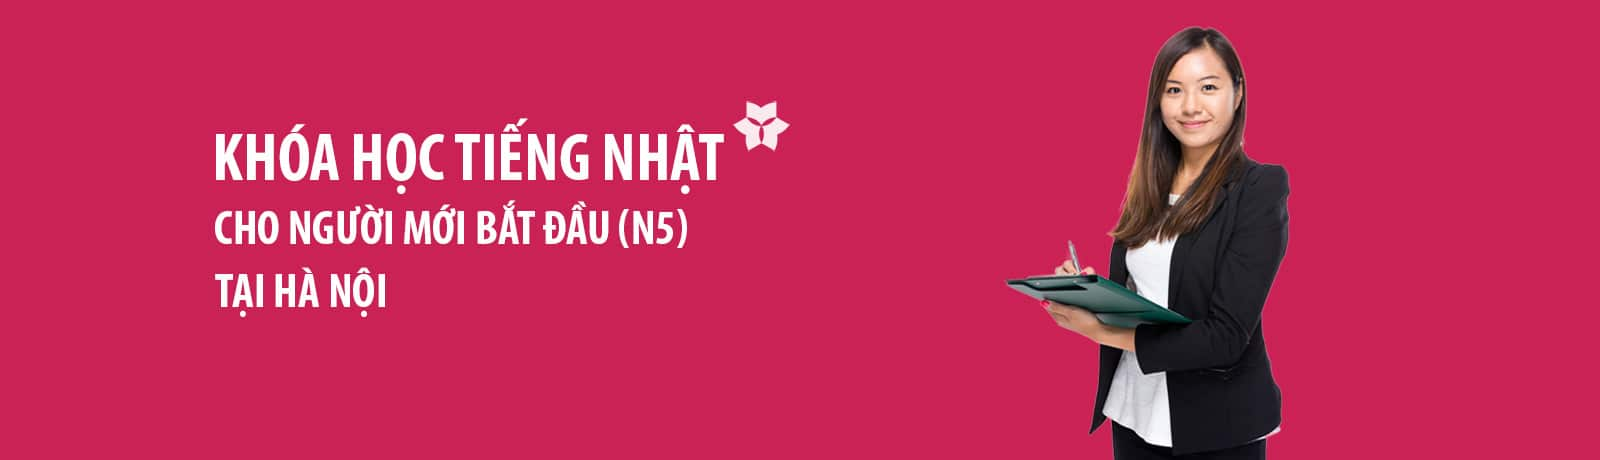 Khóa học tiếng Nhật cho người mới bắt đầu tại Hà Nội